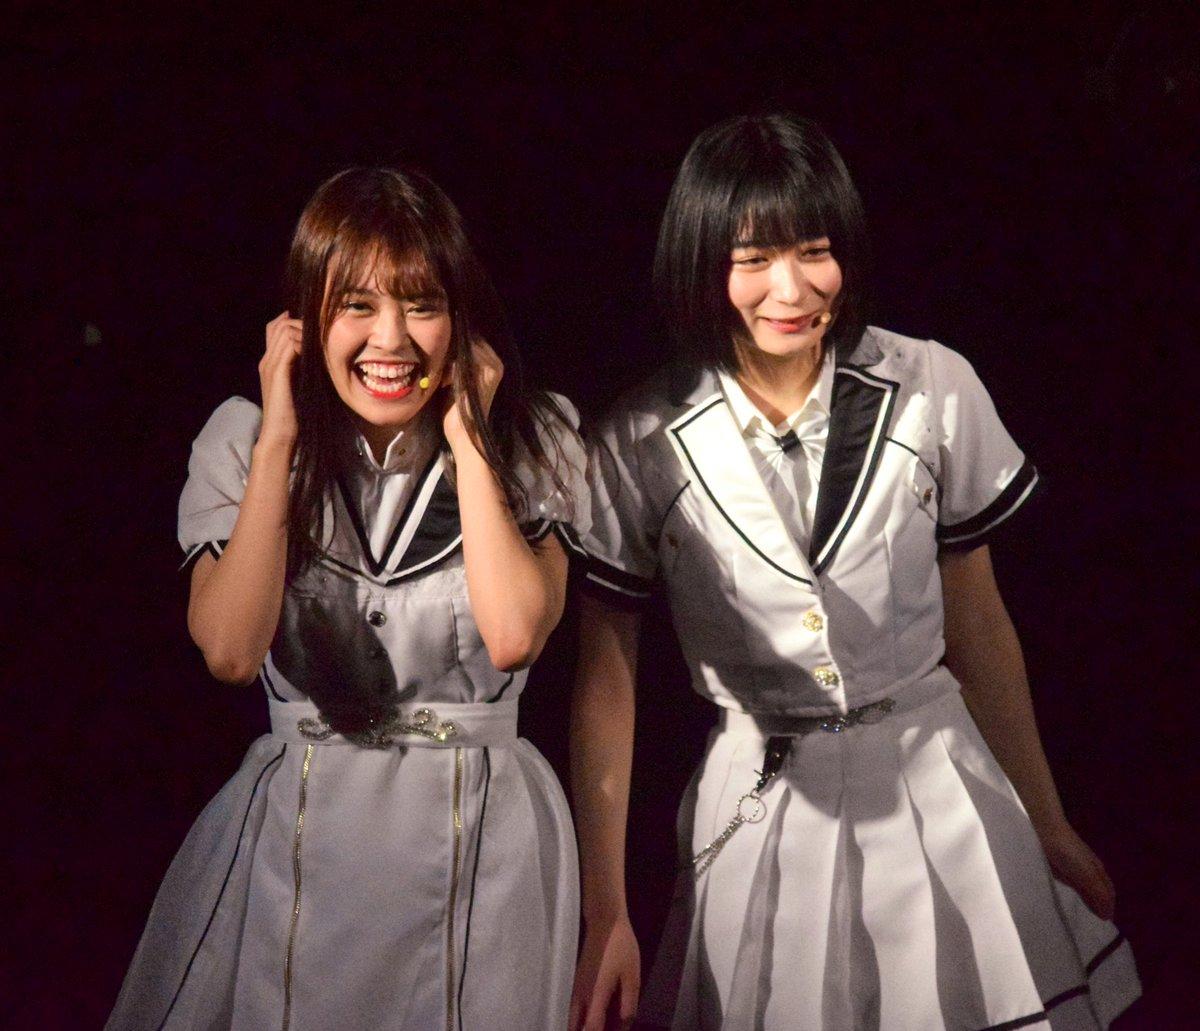 遅くなりましたが、16日に渋谷WOMBで開かれたハープスター (HARP STAR.)のワンマンライブの写真をアップします。この日は、上水口萌乃香さん、尾崎ヒカルさんの生誕祭でした!(K) #ハープスター #上水口萌乃香 #尾崎ヒカル